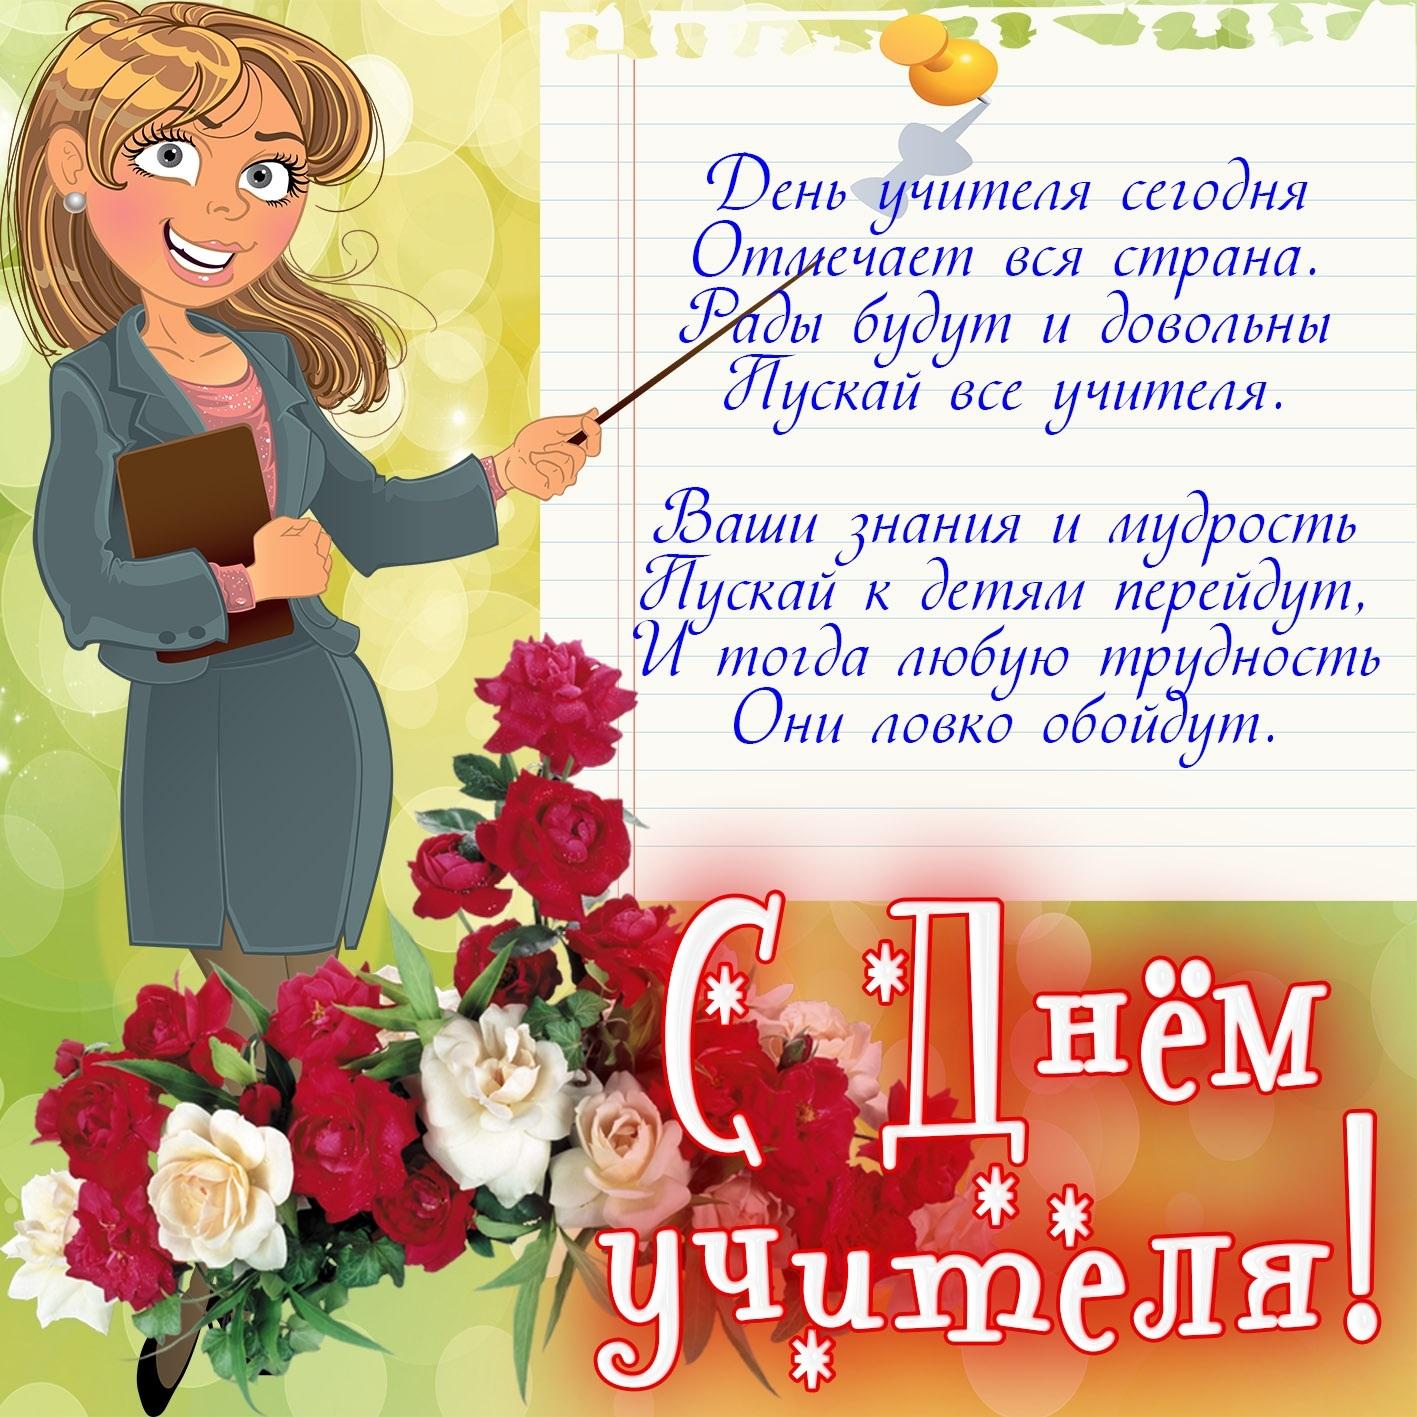 Красивые картинки с пожеланиями день учителя013